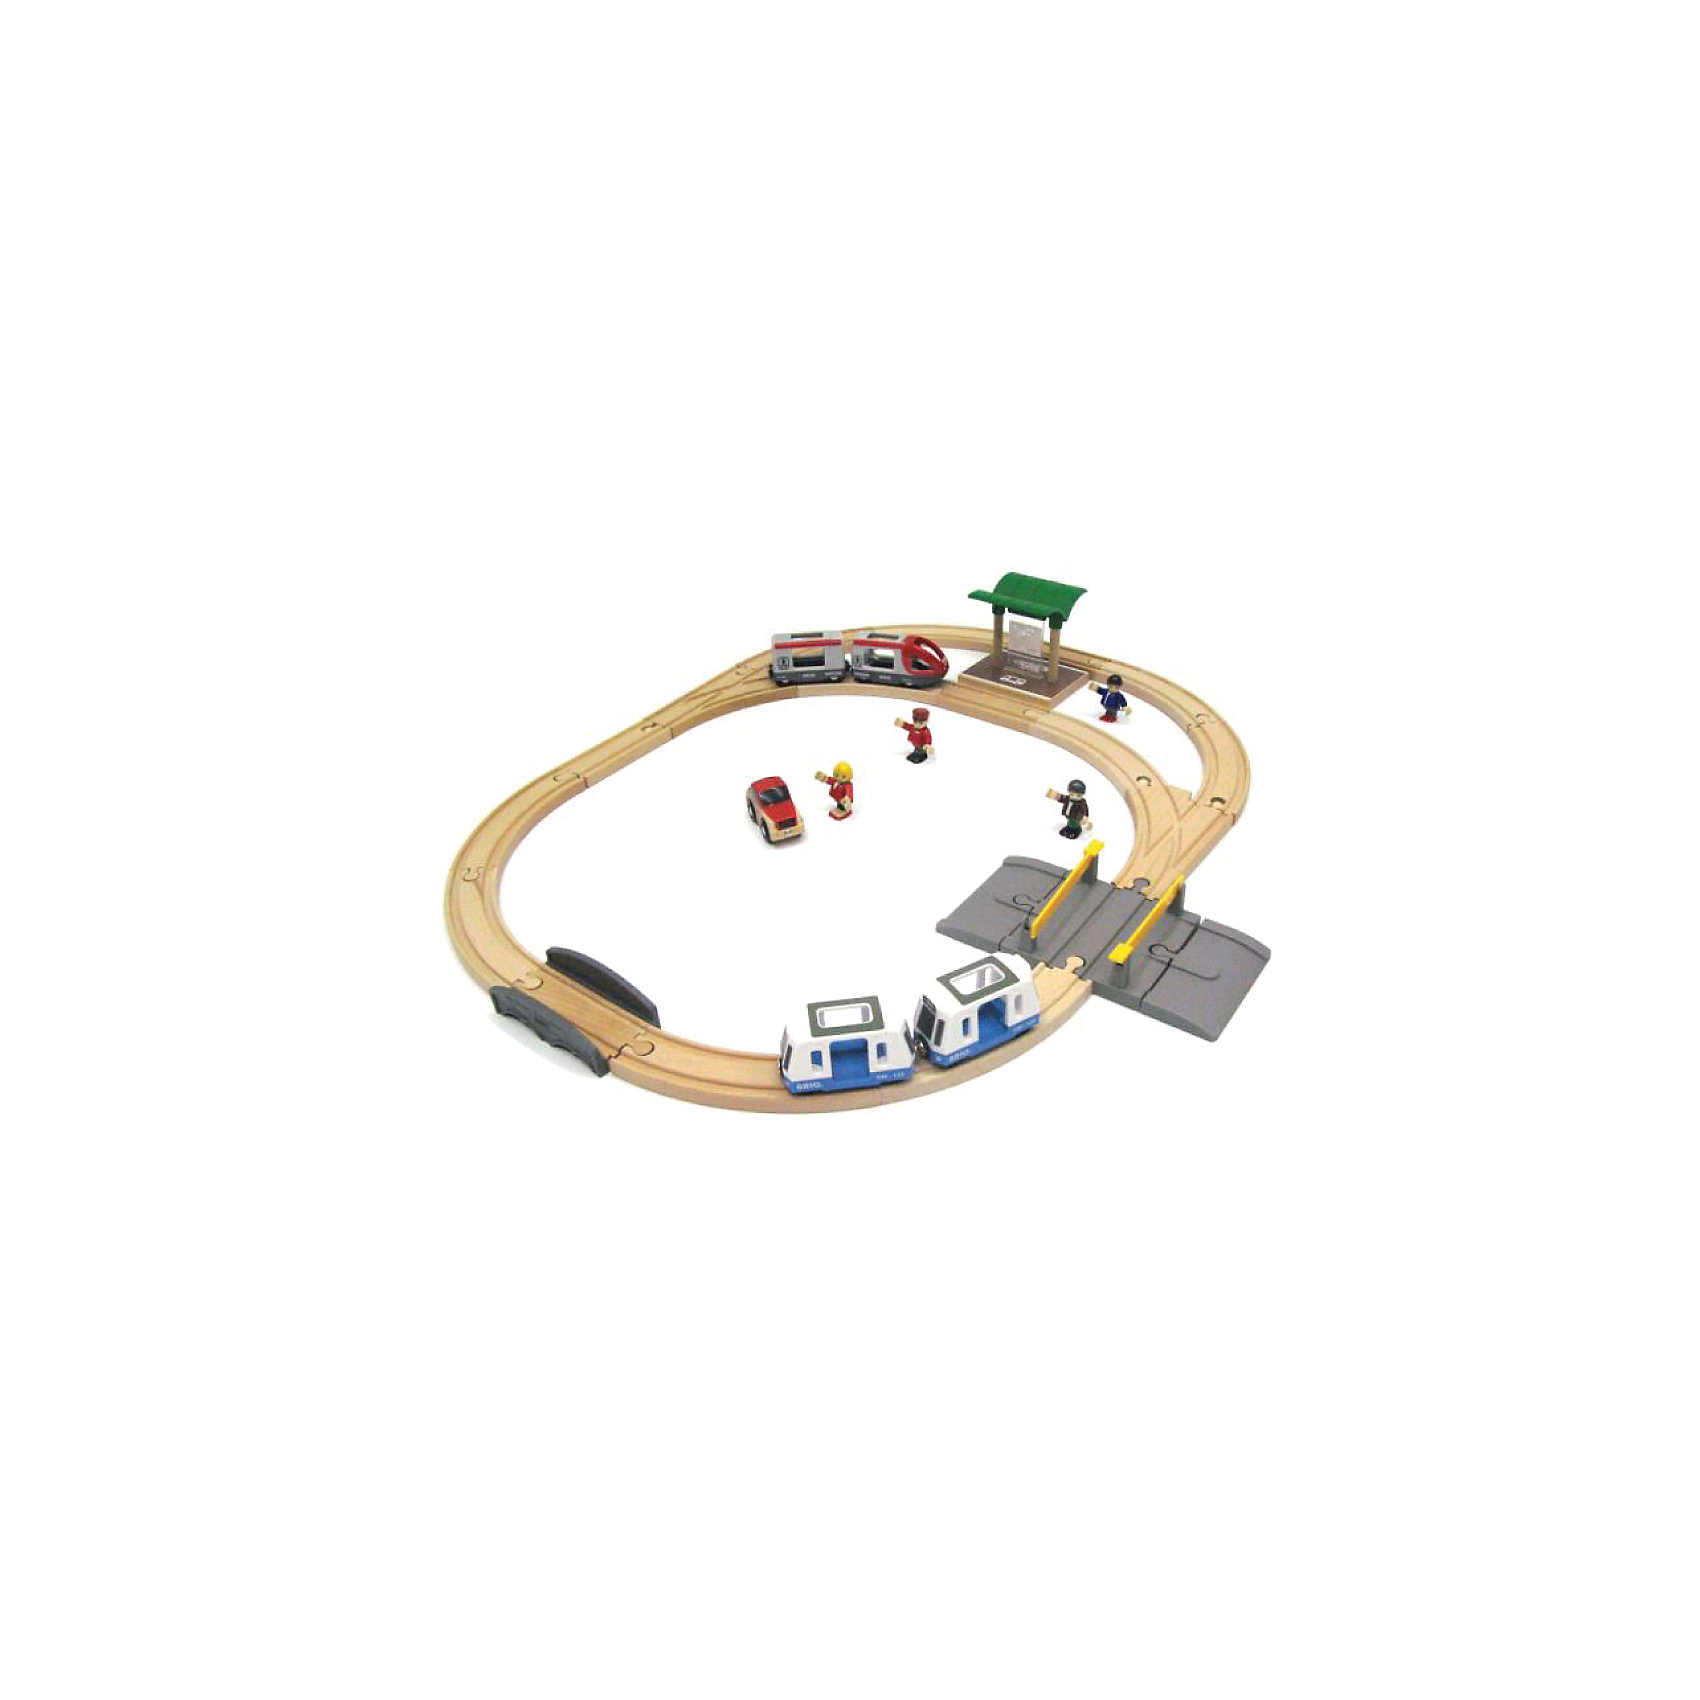 Набор Городской транспорт, BrioНабор Городской транспорт, Brio (Брио) – увлекательный игровой набор обязательно заинтересует вашего ребенка и не позволит ему скучать.<br>Набор Городской транспорт от Brio (Брио) превратит простую игру в захватывающее путешествие по городу. В состав набора входит железнодорожное полотно с ответвлением, пассажирский состав из двух вагонов и составной трамвай из двух вагонов. В пассажирский поезд и в трамвай можно сажать пассажиров. У фигурок пассажиров сгибаются ручки и ножки. Для ожидания посадки в железнодорожный транспорт, фигурки могут находиться на железнодорожной платформе. Через железнодорожный переезд может переезжать машинка, входящая в набор. Железнодорожная дорога очень надежна и проста в сборке, кроме того набор изготовлен из лучших, экологически чистых материалов, и абсолютно безопасен для детей. Игра с набором развивает моторику, логическое мышление, фантазию.<br><br>Дополнительная информация:<br><br>- В комплекте 28 элементов: 16 элементов железнодорожных путей, пассажирский поезд с вагоном, трамвай, состоящий из двух вагонов, станция, автопереезд со шлагбаумами, мост, автомобиль, 4 фигурки пассажиров<br>- Материал: древесина, окрашенная нетоксичными красками, пластик<br>- Размер железнодорожного полотна: 66х70,5 см.<br>- Размер упаковки: 37 х 27 х 12,5 см.<br>- Вес: 1858 гр.<br><br>Набор Городской транспорт, Brio (Брио) можно купить в нашем интернет-магазине.<br><br>Ширина мм: 370<br>Глубина мм: 270<br>Высота мм: 125<br>Вес г: 1858<br>Возраст от месяцев: 36<br>Возраст до месяцев: 96<br>Пол: Унисекс<br>Возраст: Детский<br>SKU: 4655124